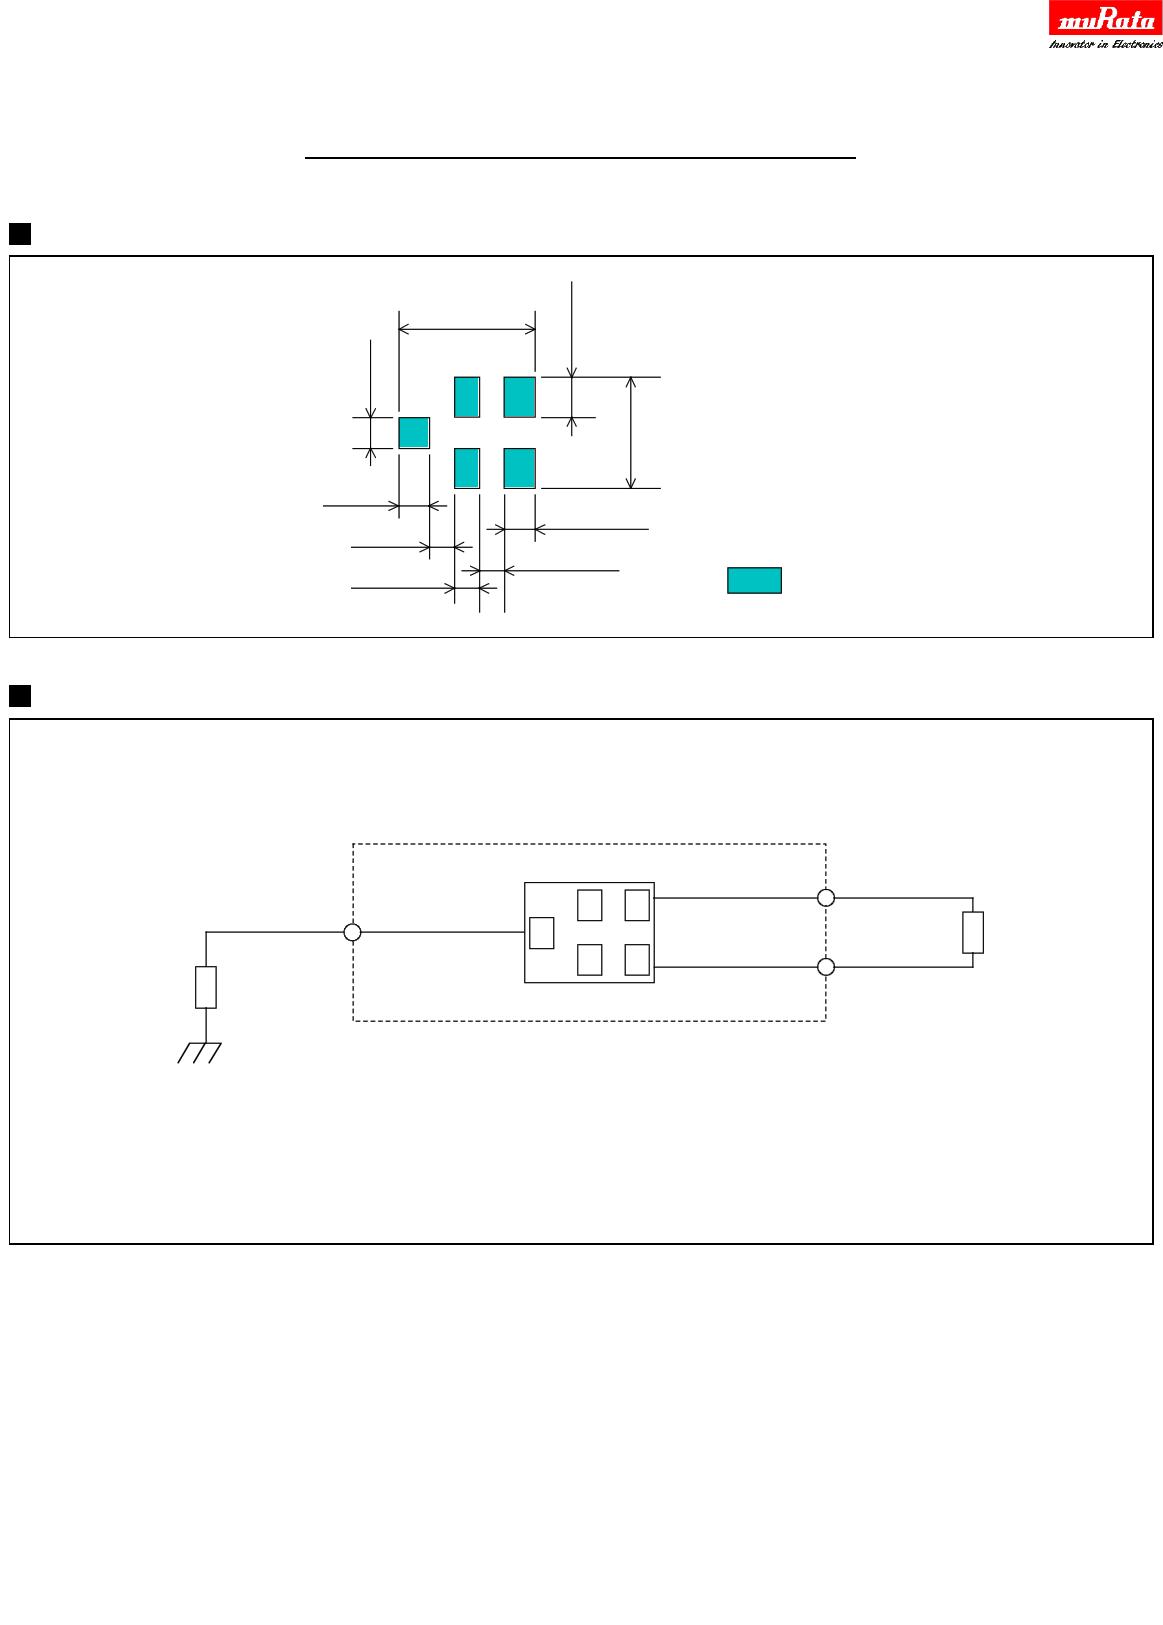 SAFFB751MFA0F0A pdf, 반도체, 판매, 대치품